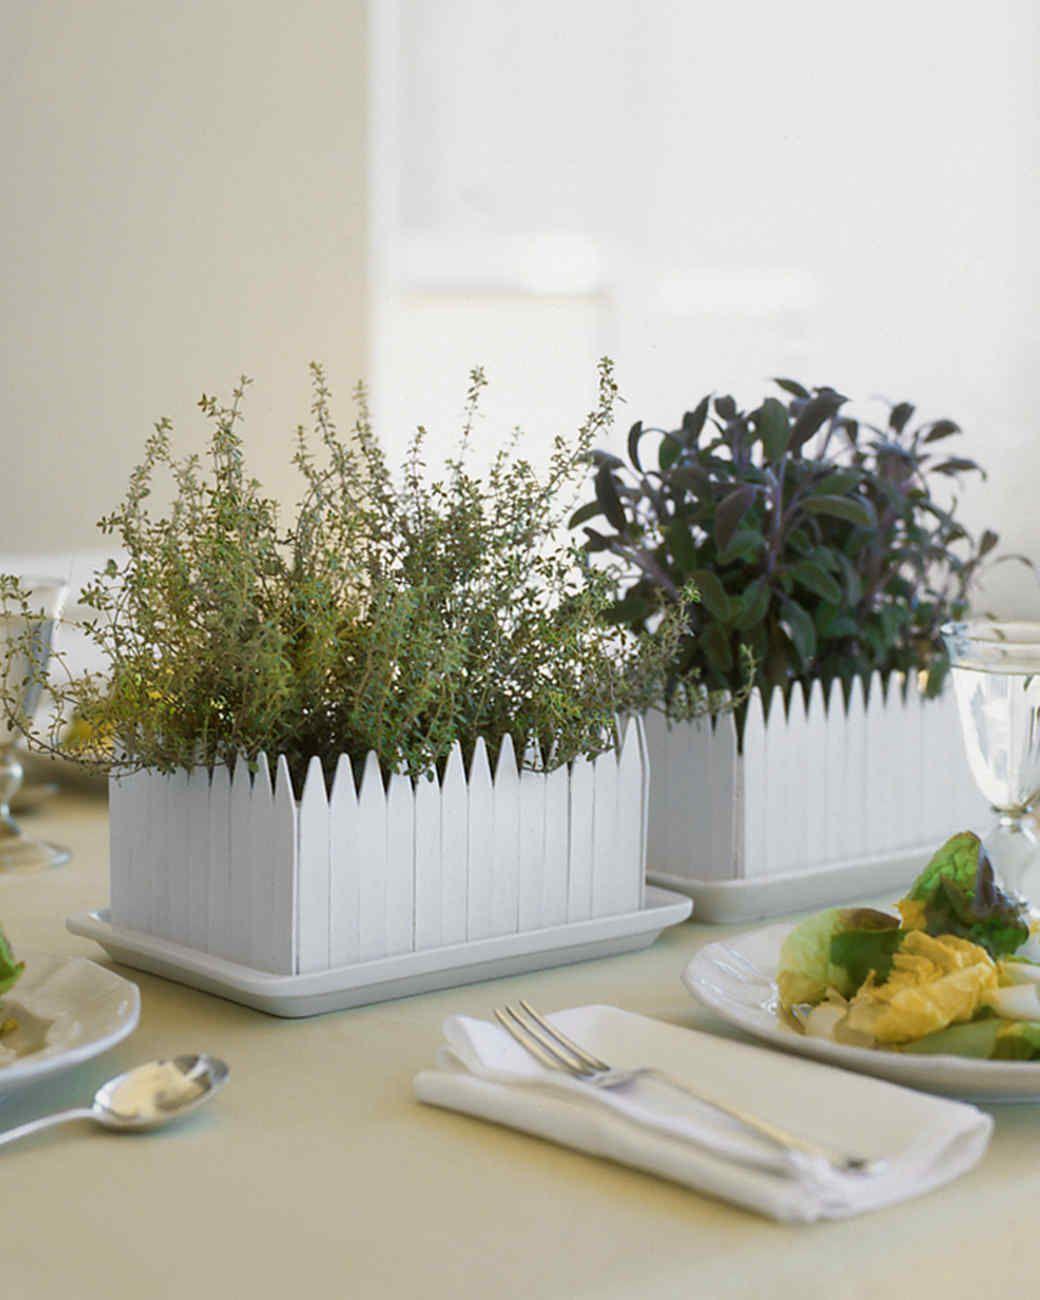 Garden decor for baby shower  HerbGarden Centerpiece  Martha Stewart  DIY Decor  Pinterest